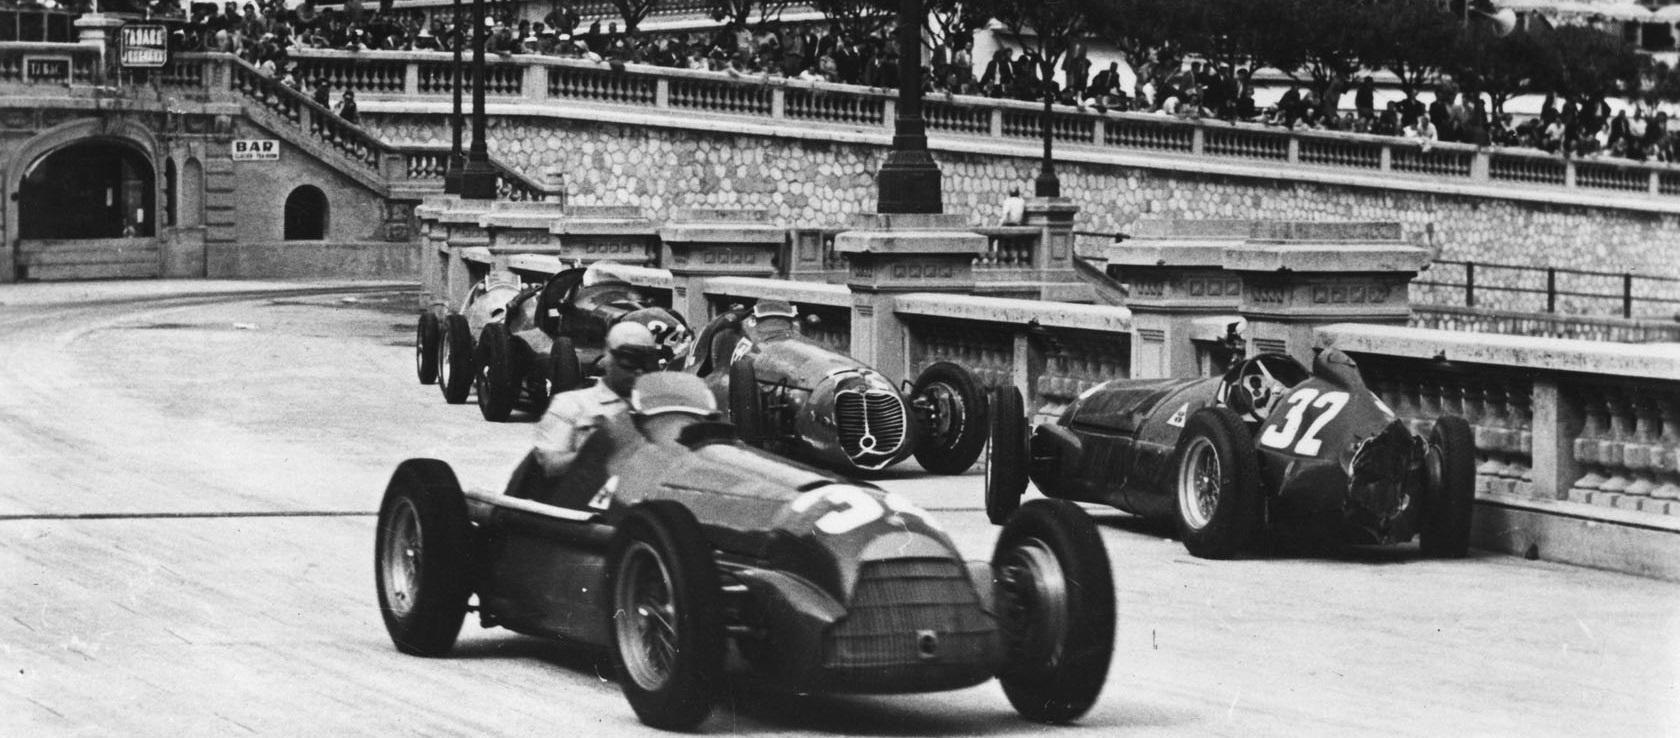 GP 1950, victoria de Juan Manuel Fangio